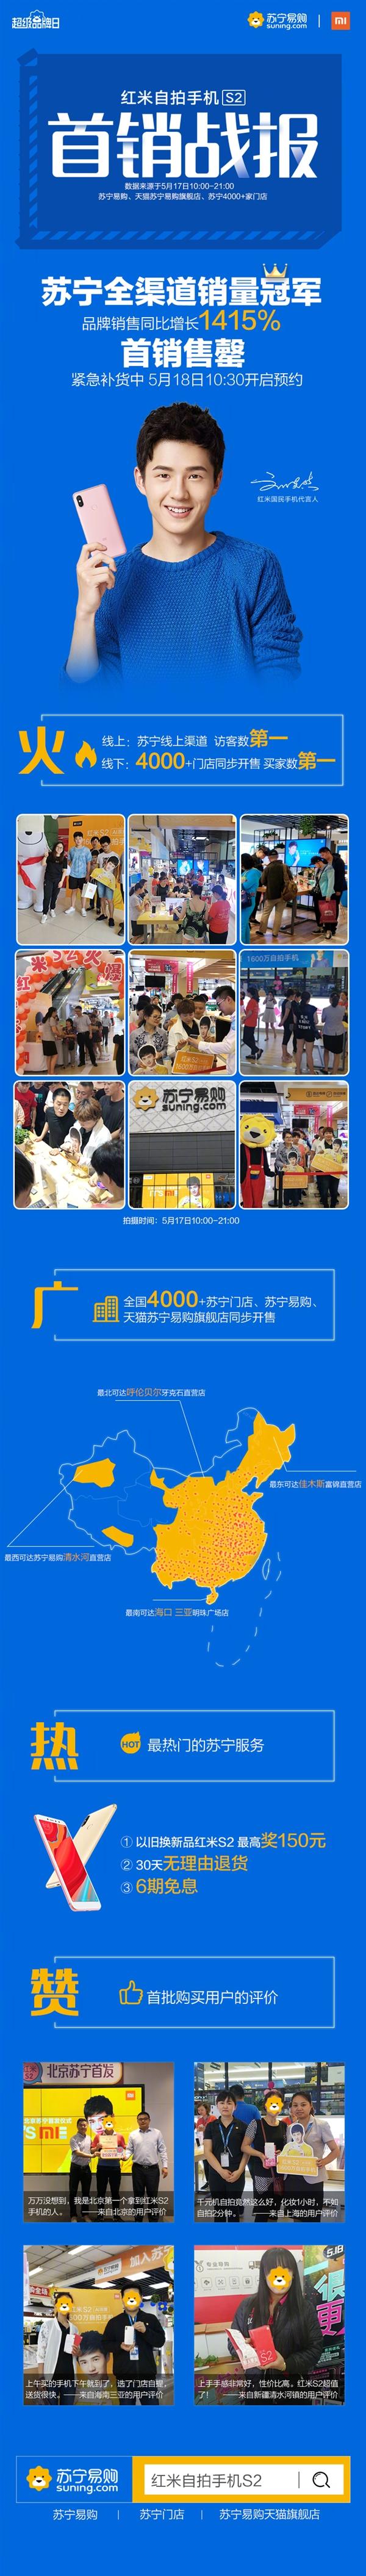 红米S2首销战报出炉:苏宁全渠道销量冠军